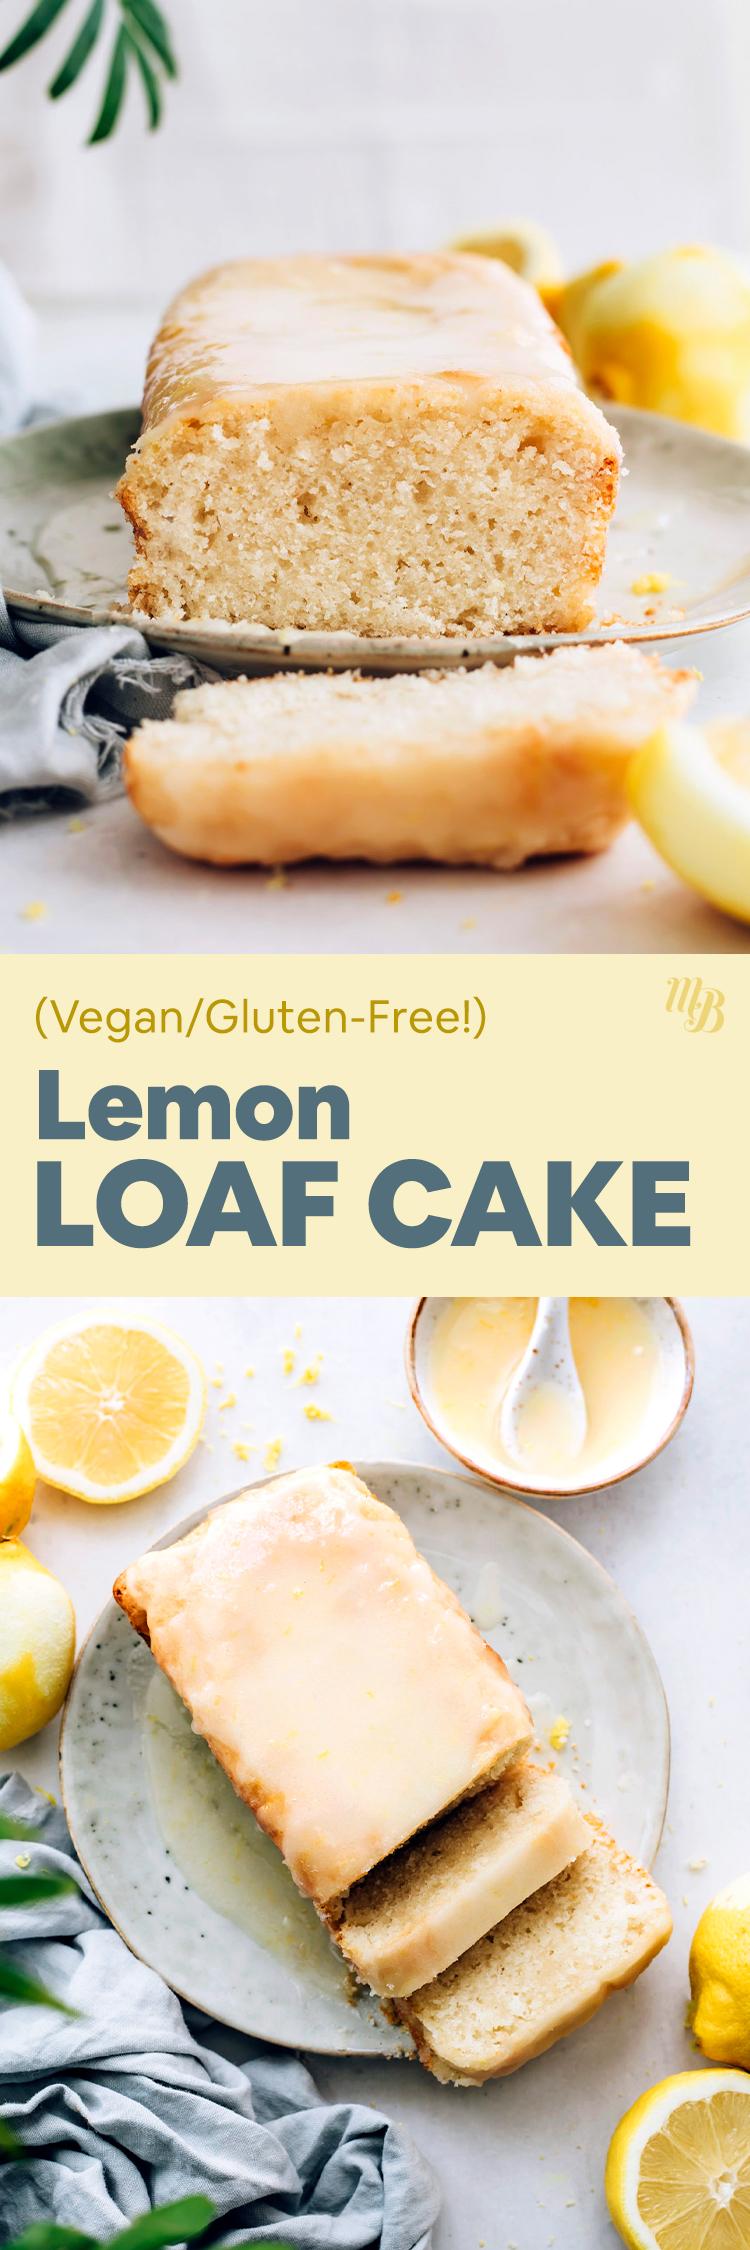 Szelet vegán és gluténmentes citrom kenyér sütemény egy tányérra, citrom jegesedéssel